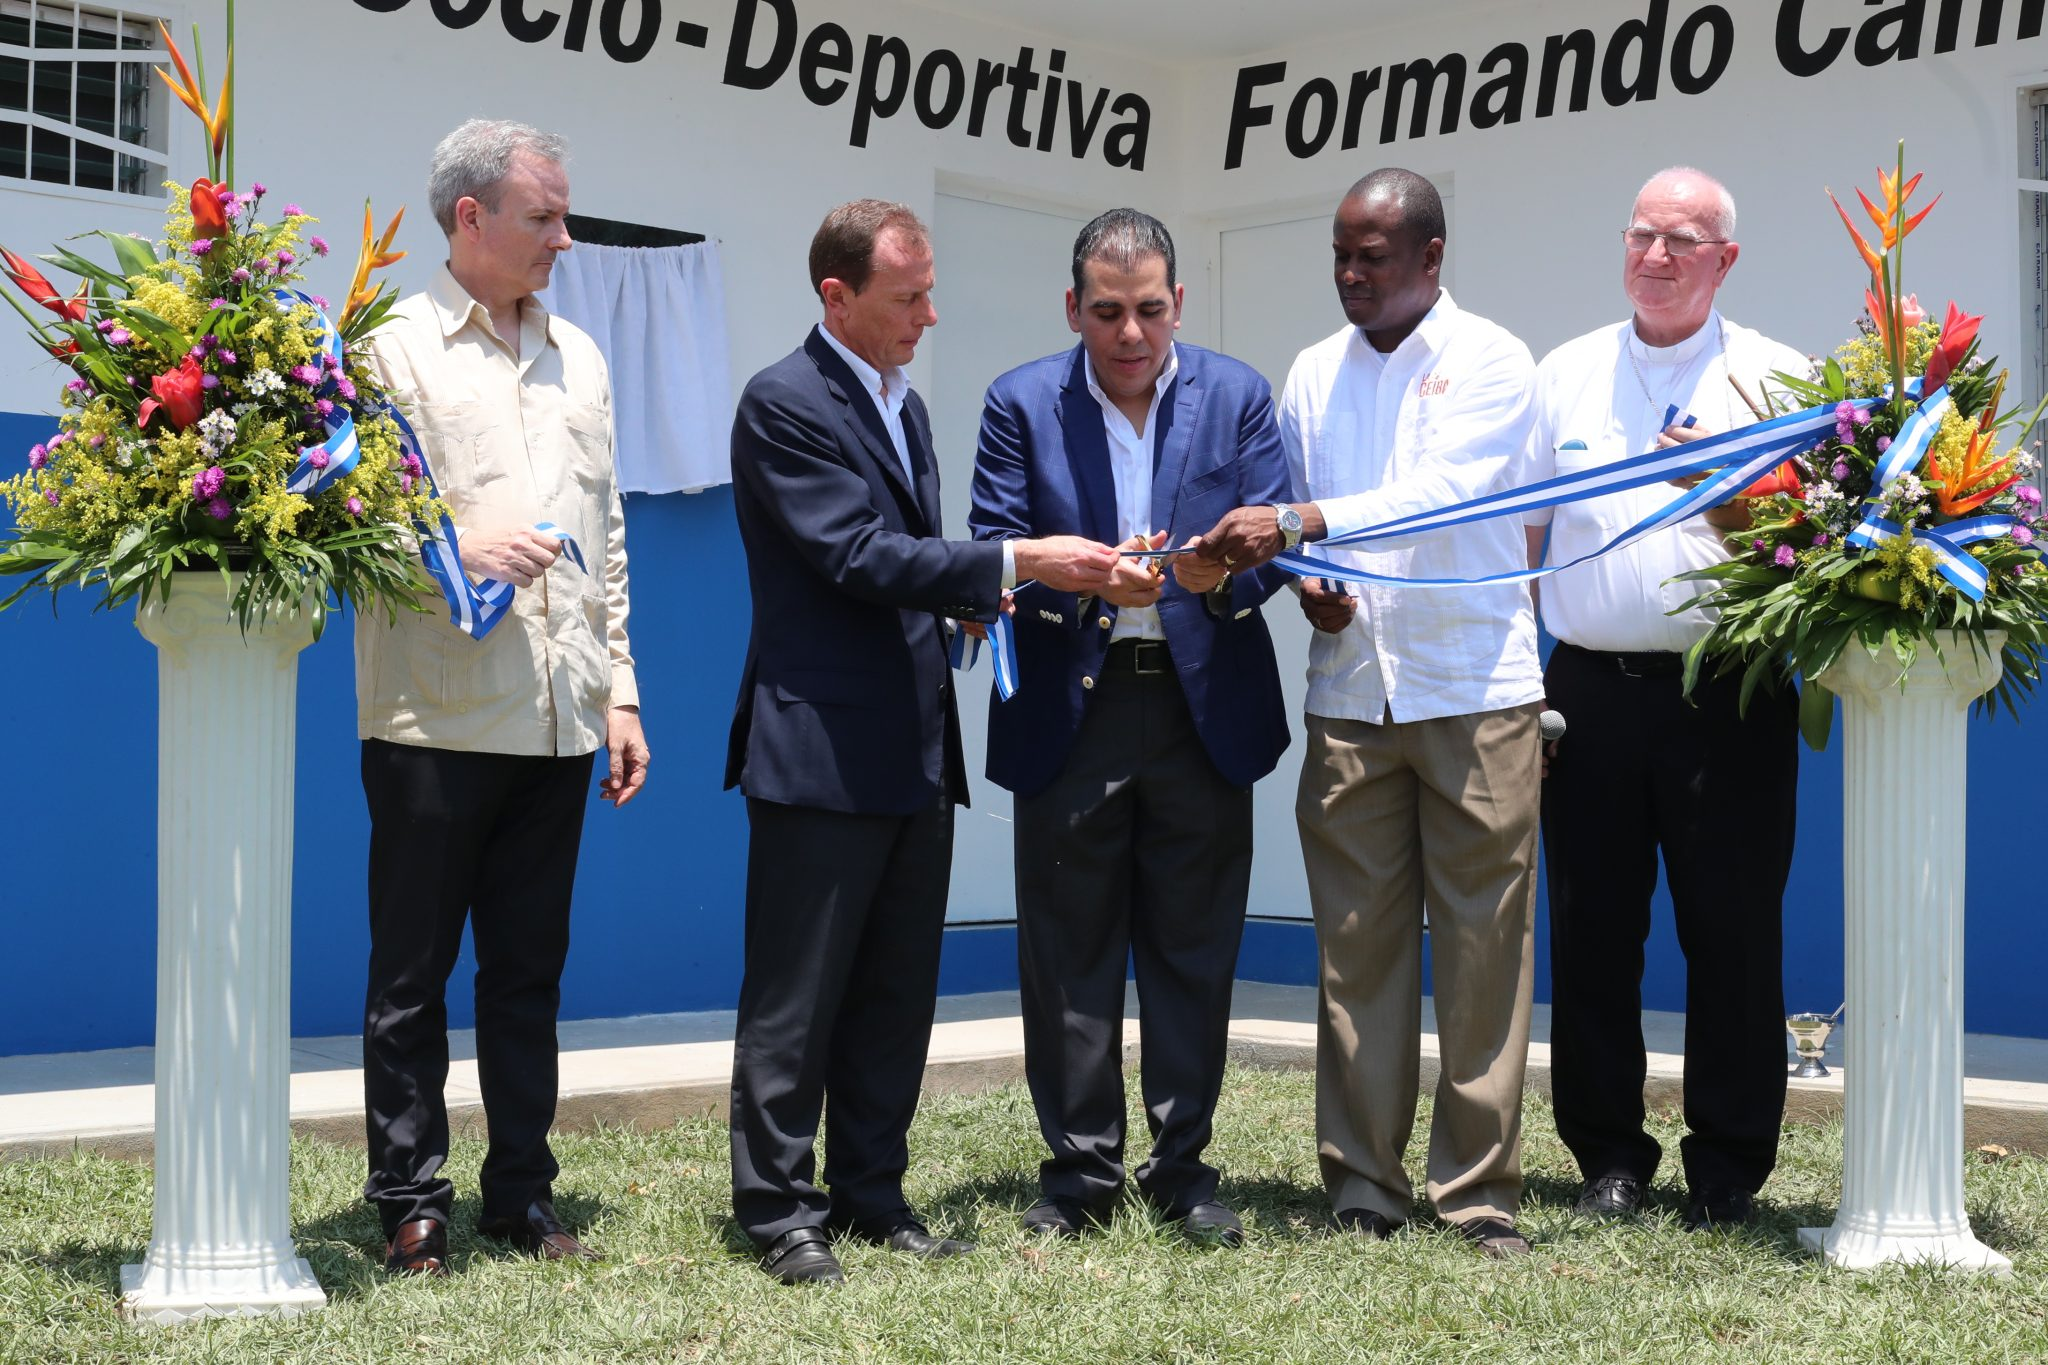 Escuela Formando Campeones La Ceiba